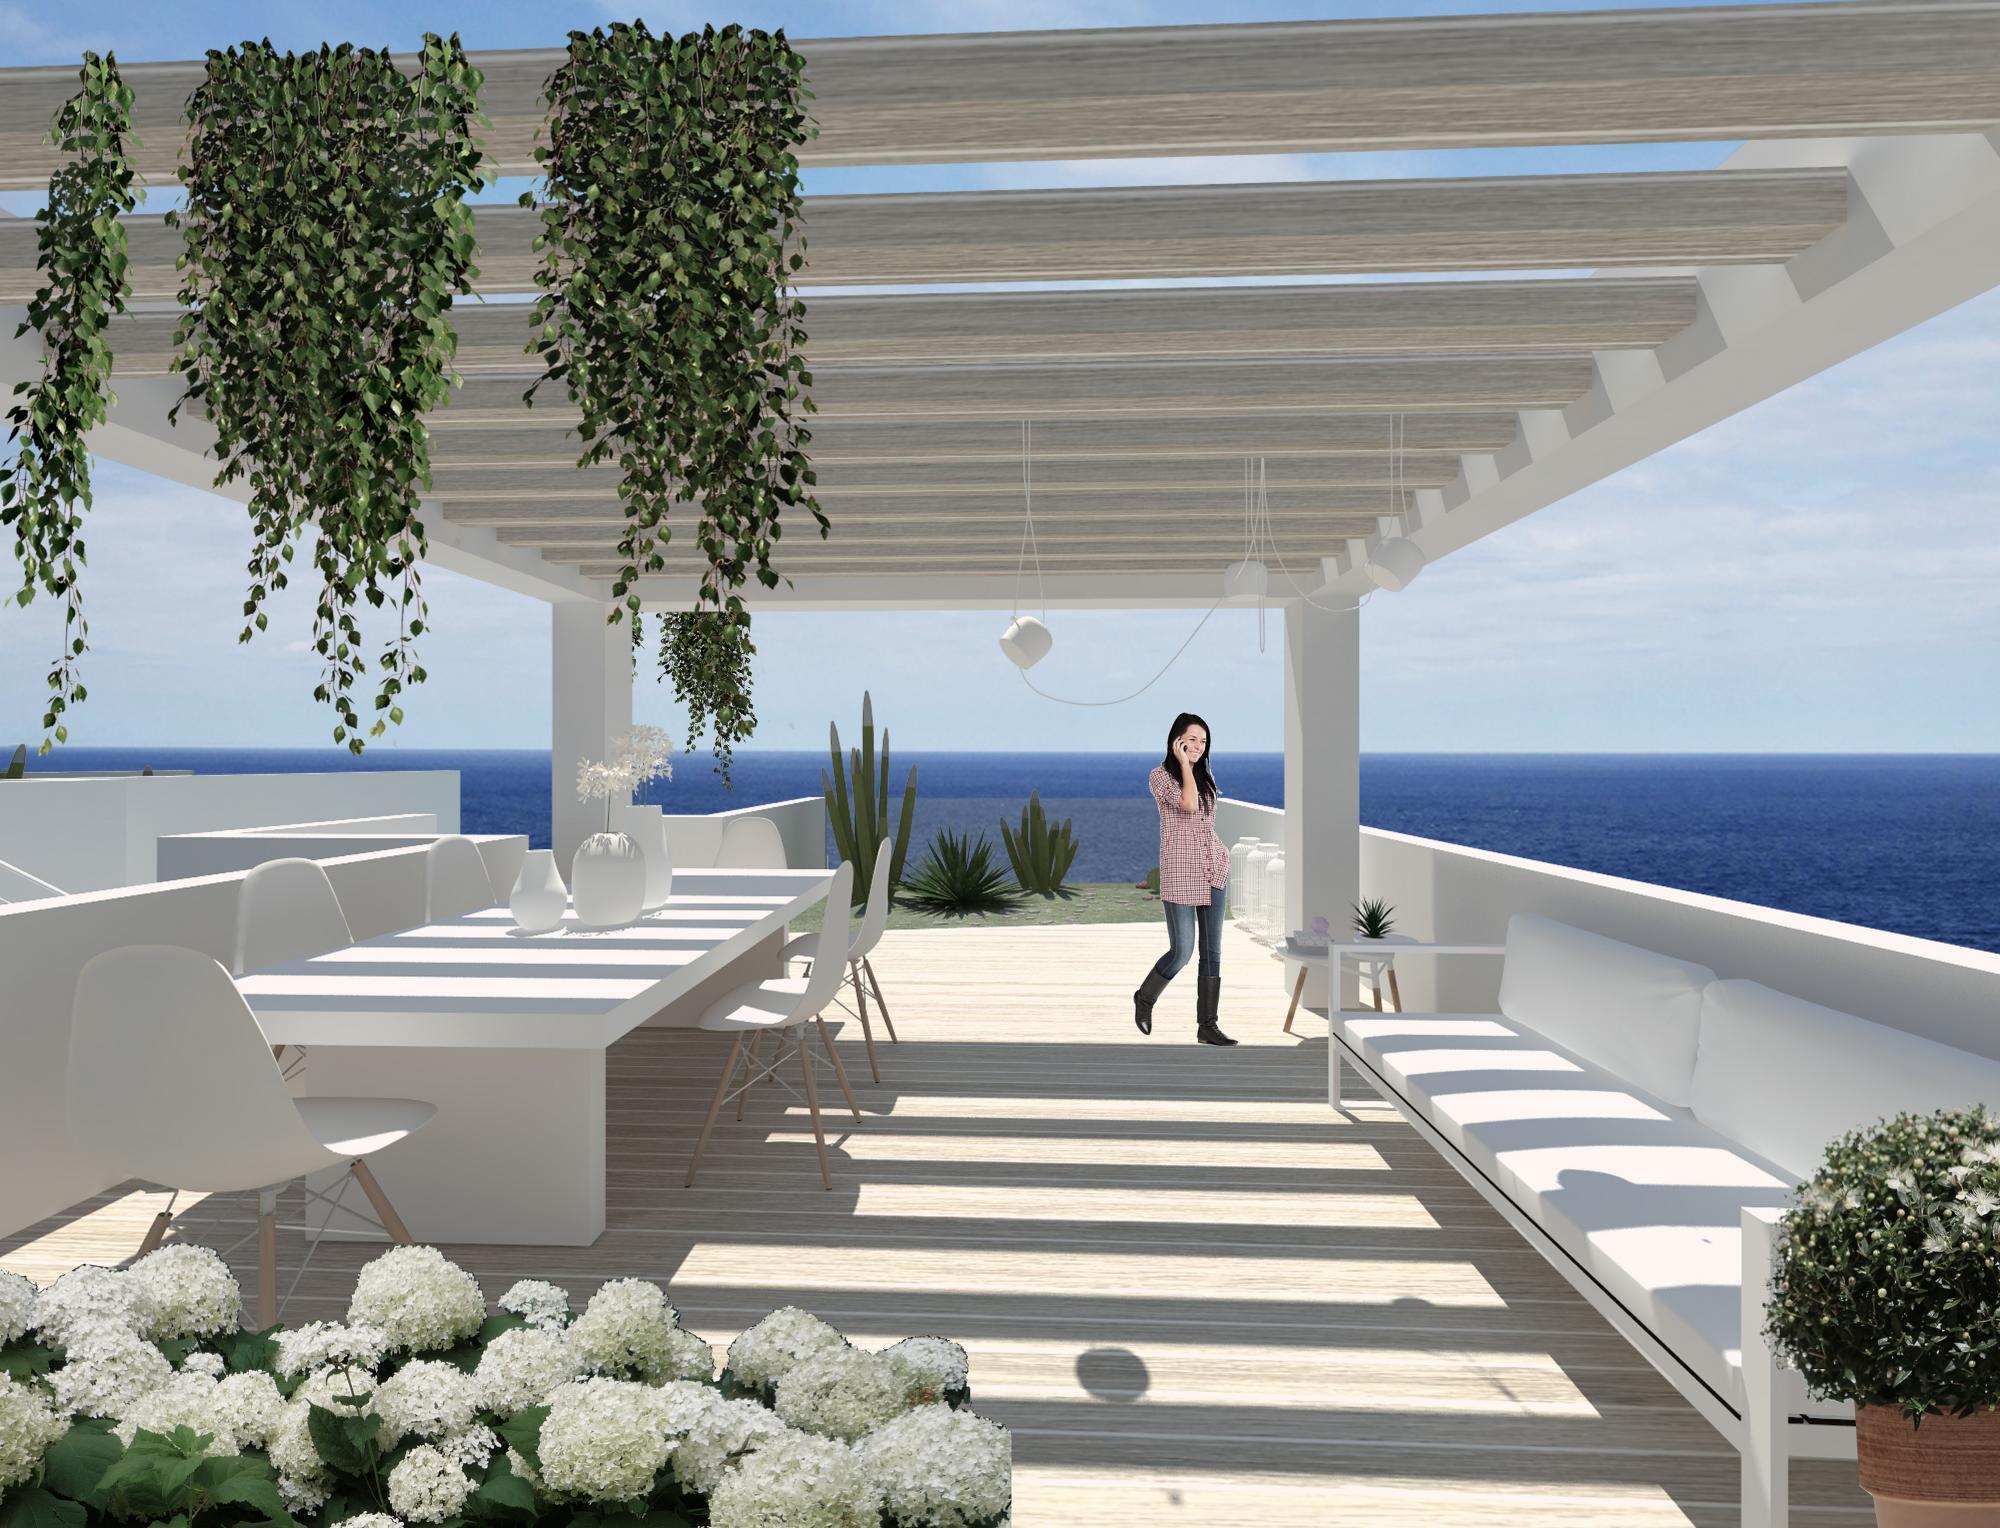 Vendesi due ville di pregio fronte mare con piscina a piano primo castrignano del capo - Residence puglia mare con piscina ...